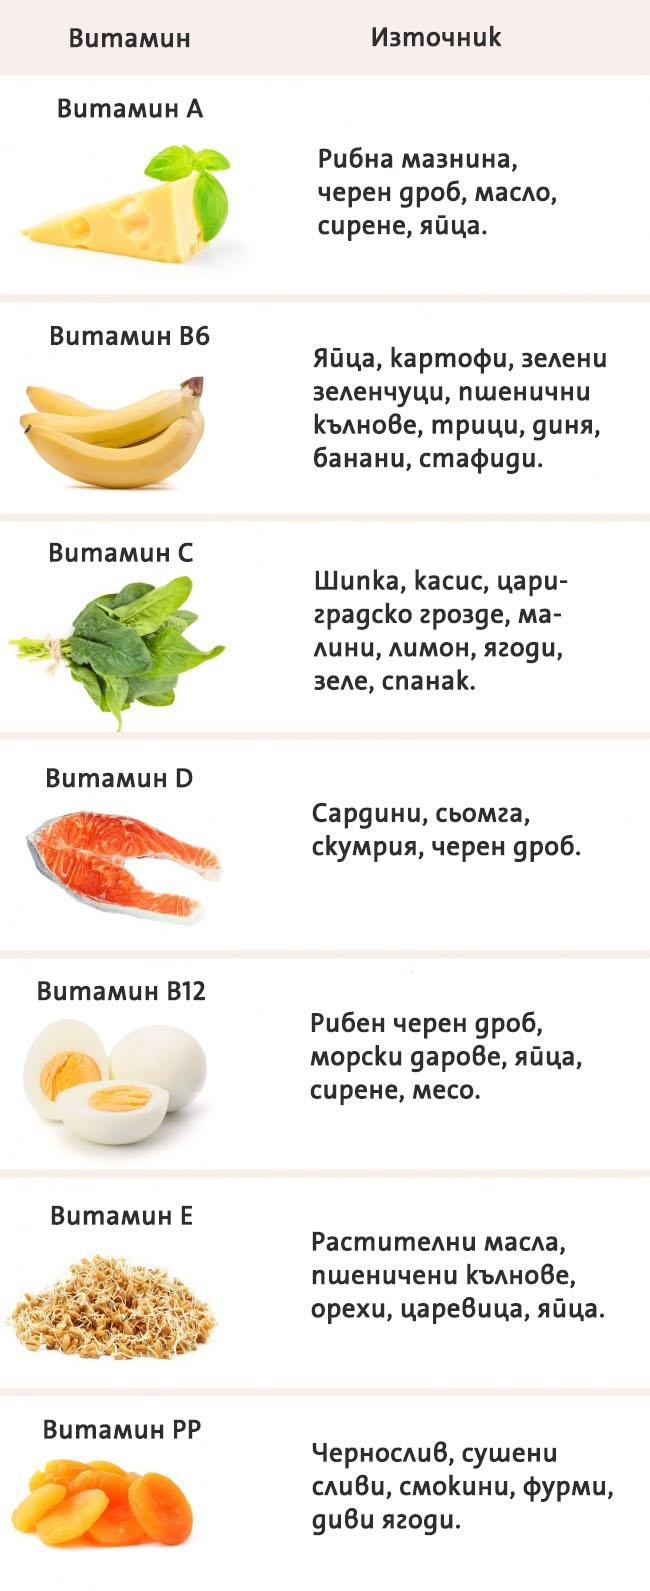 източнк-на-витамини